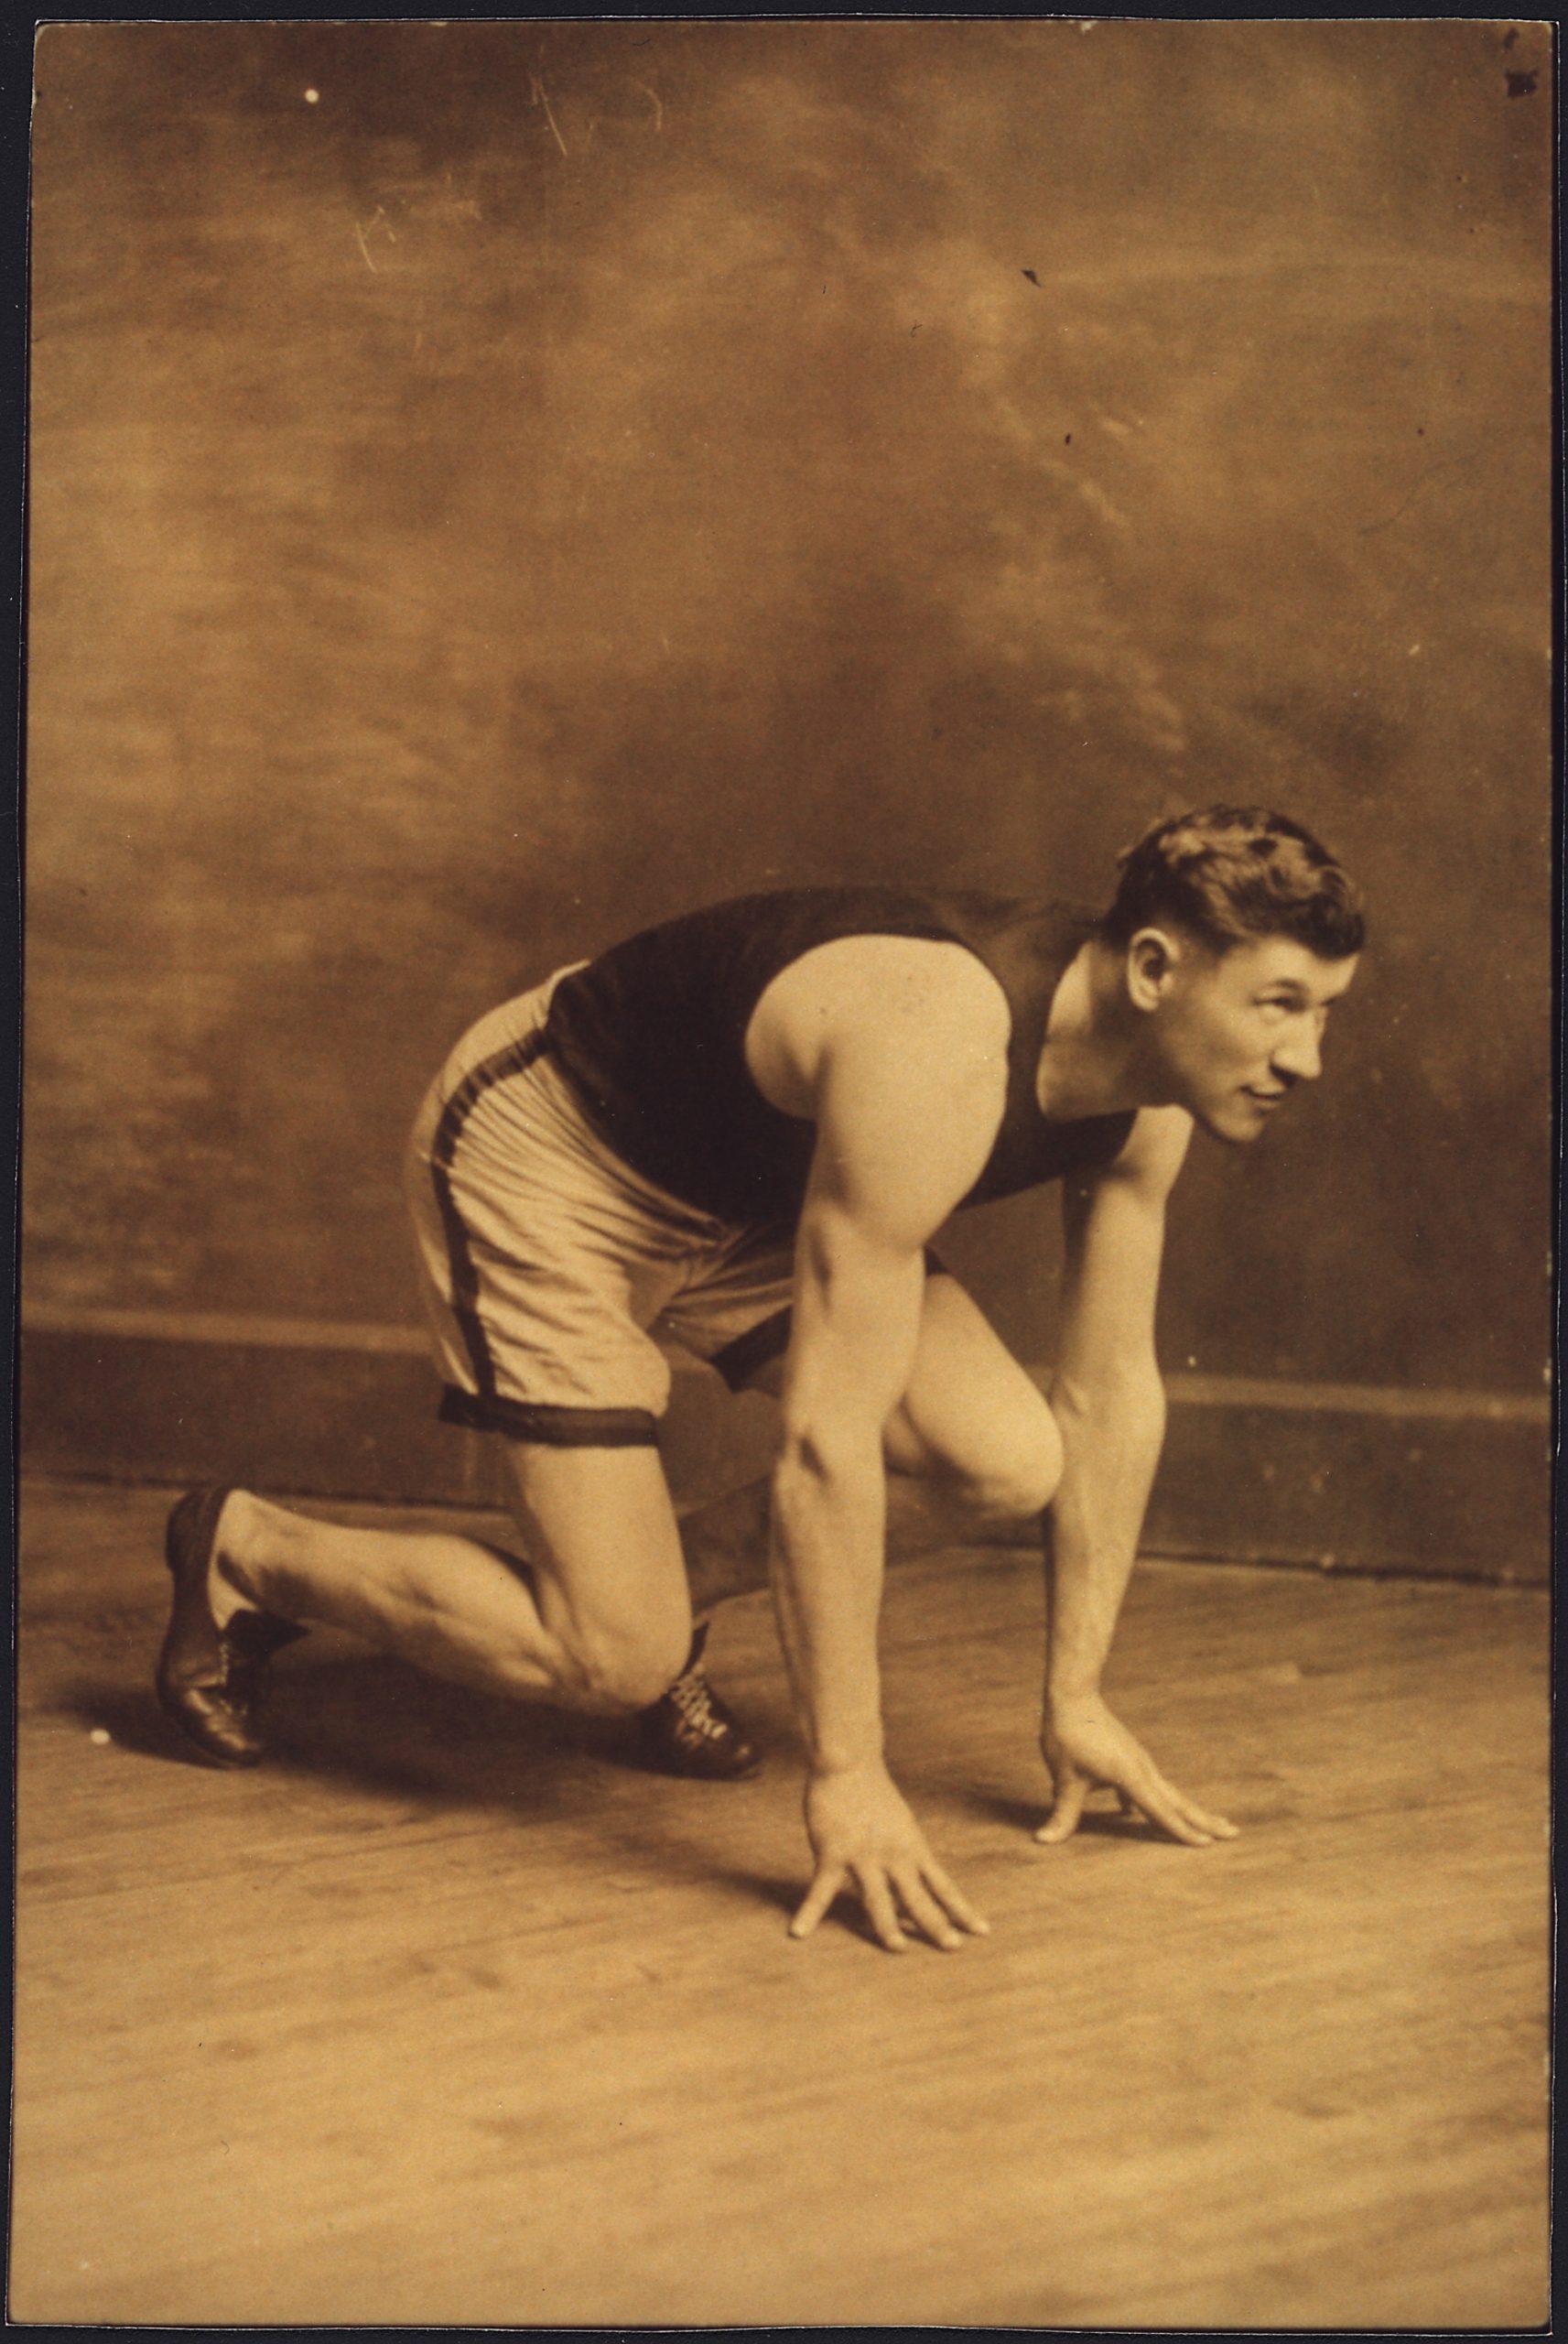 Jim Thorpe NARA